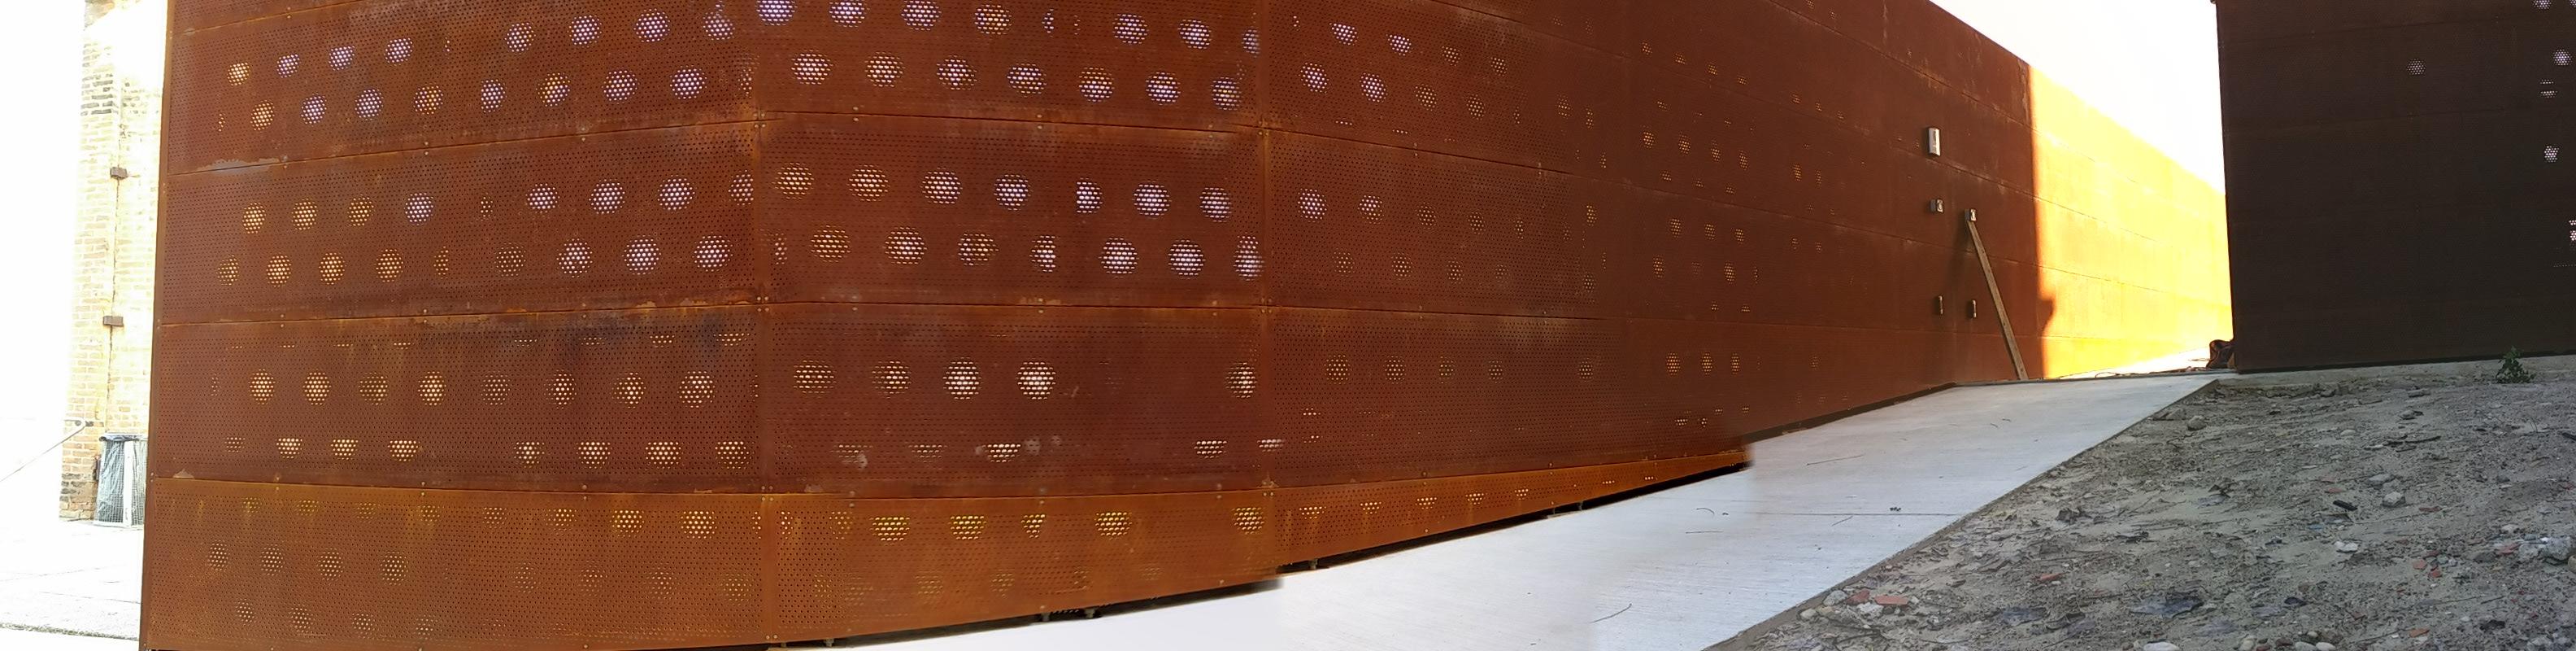 Recinzione tamponata in lamiera corten con cancello